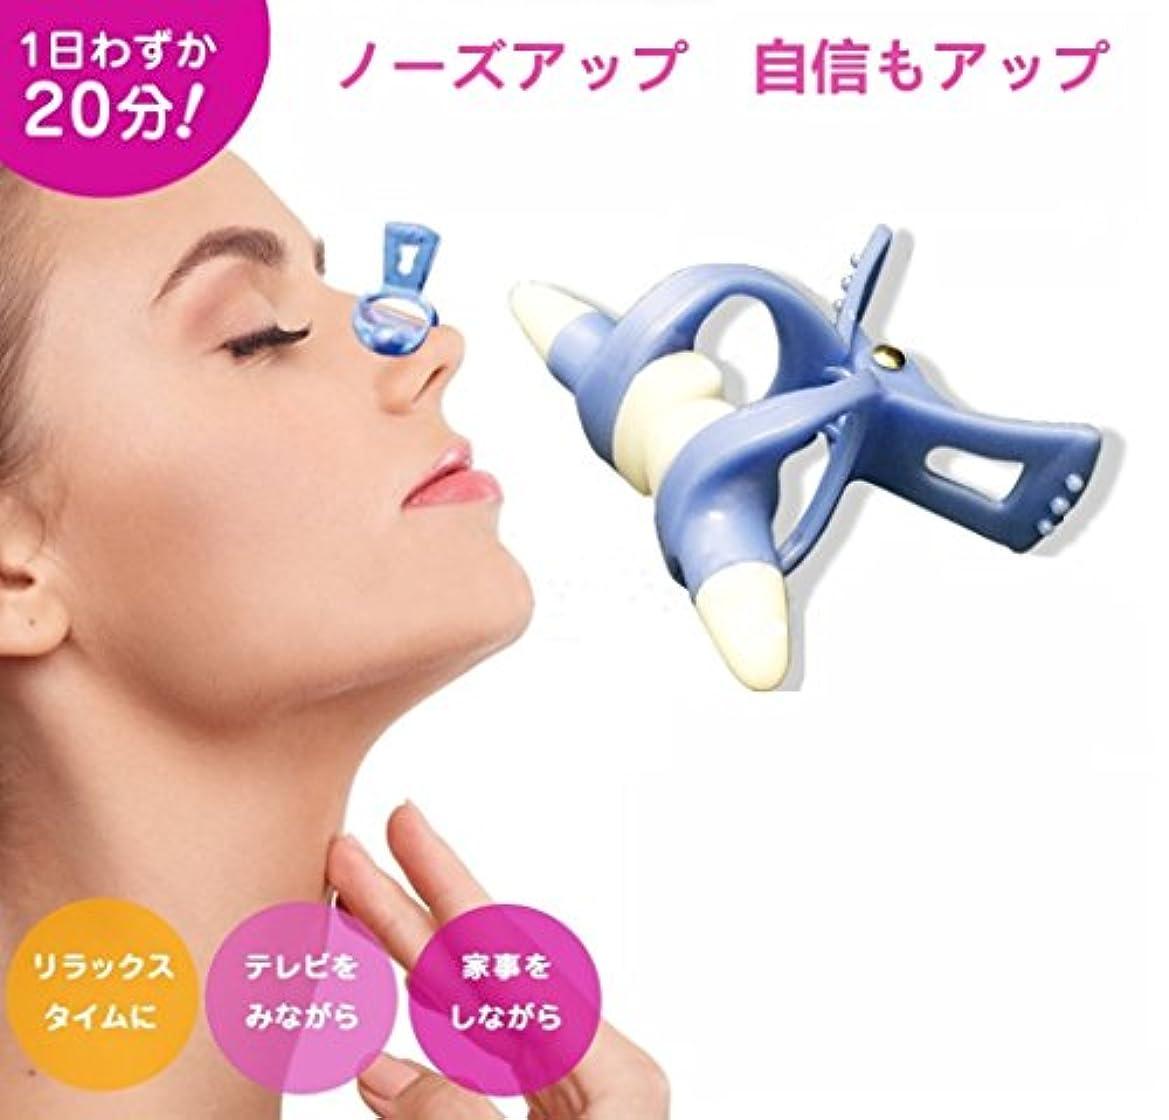 うま肉腫回復するノーズアップ ノーズクリップ Vicona鼻クリップ 美鼻 鼻筋矯正 鼻プチ プチ整形 鼻筋セレブ 抗菌シリコンで  柔らか素材で痛くない 肌にやさしい